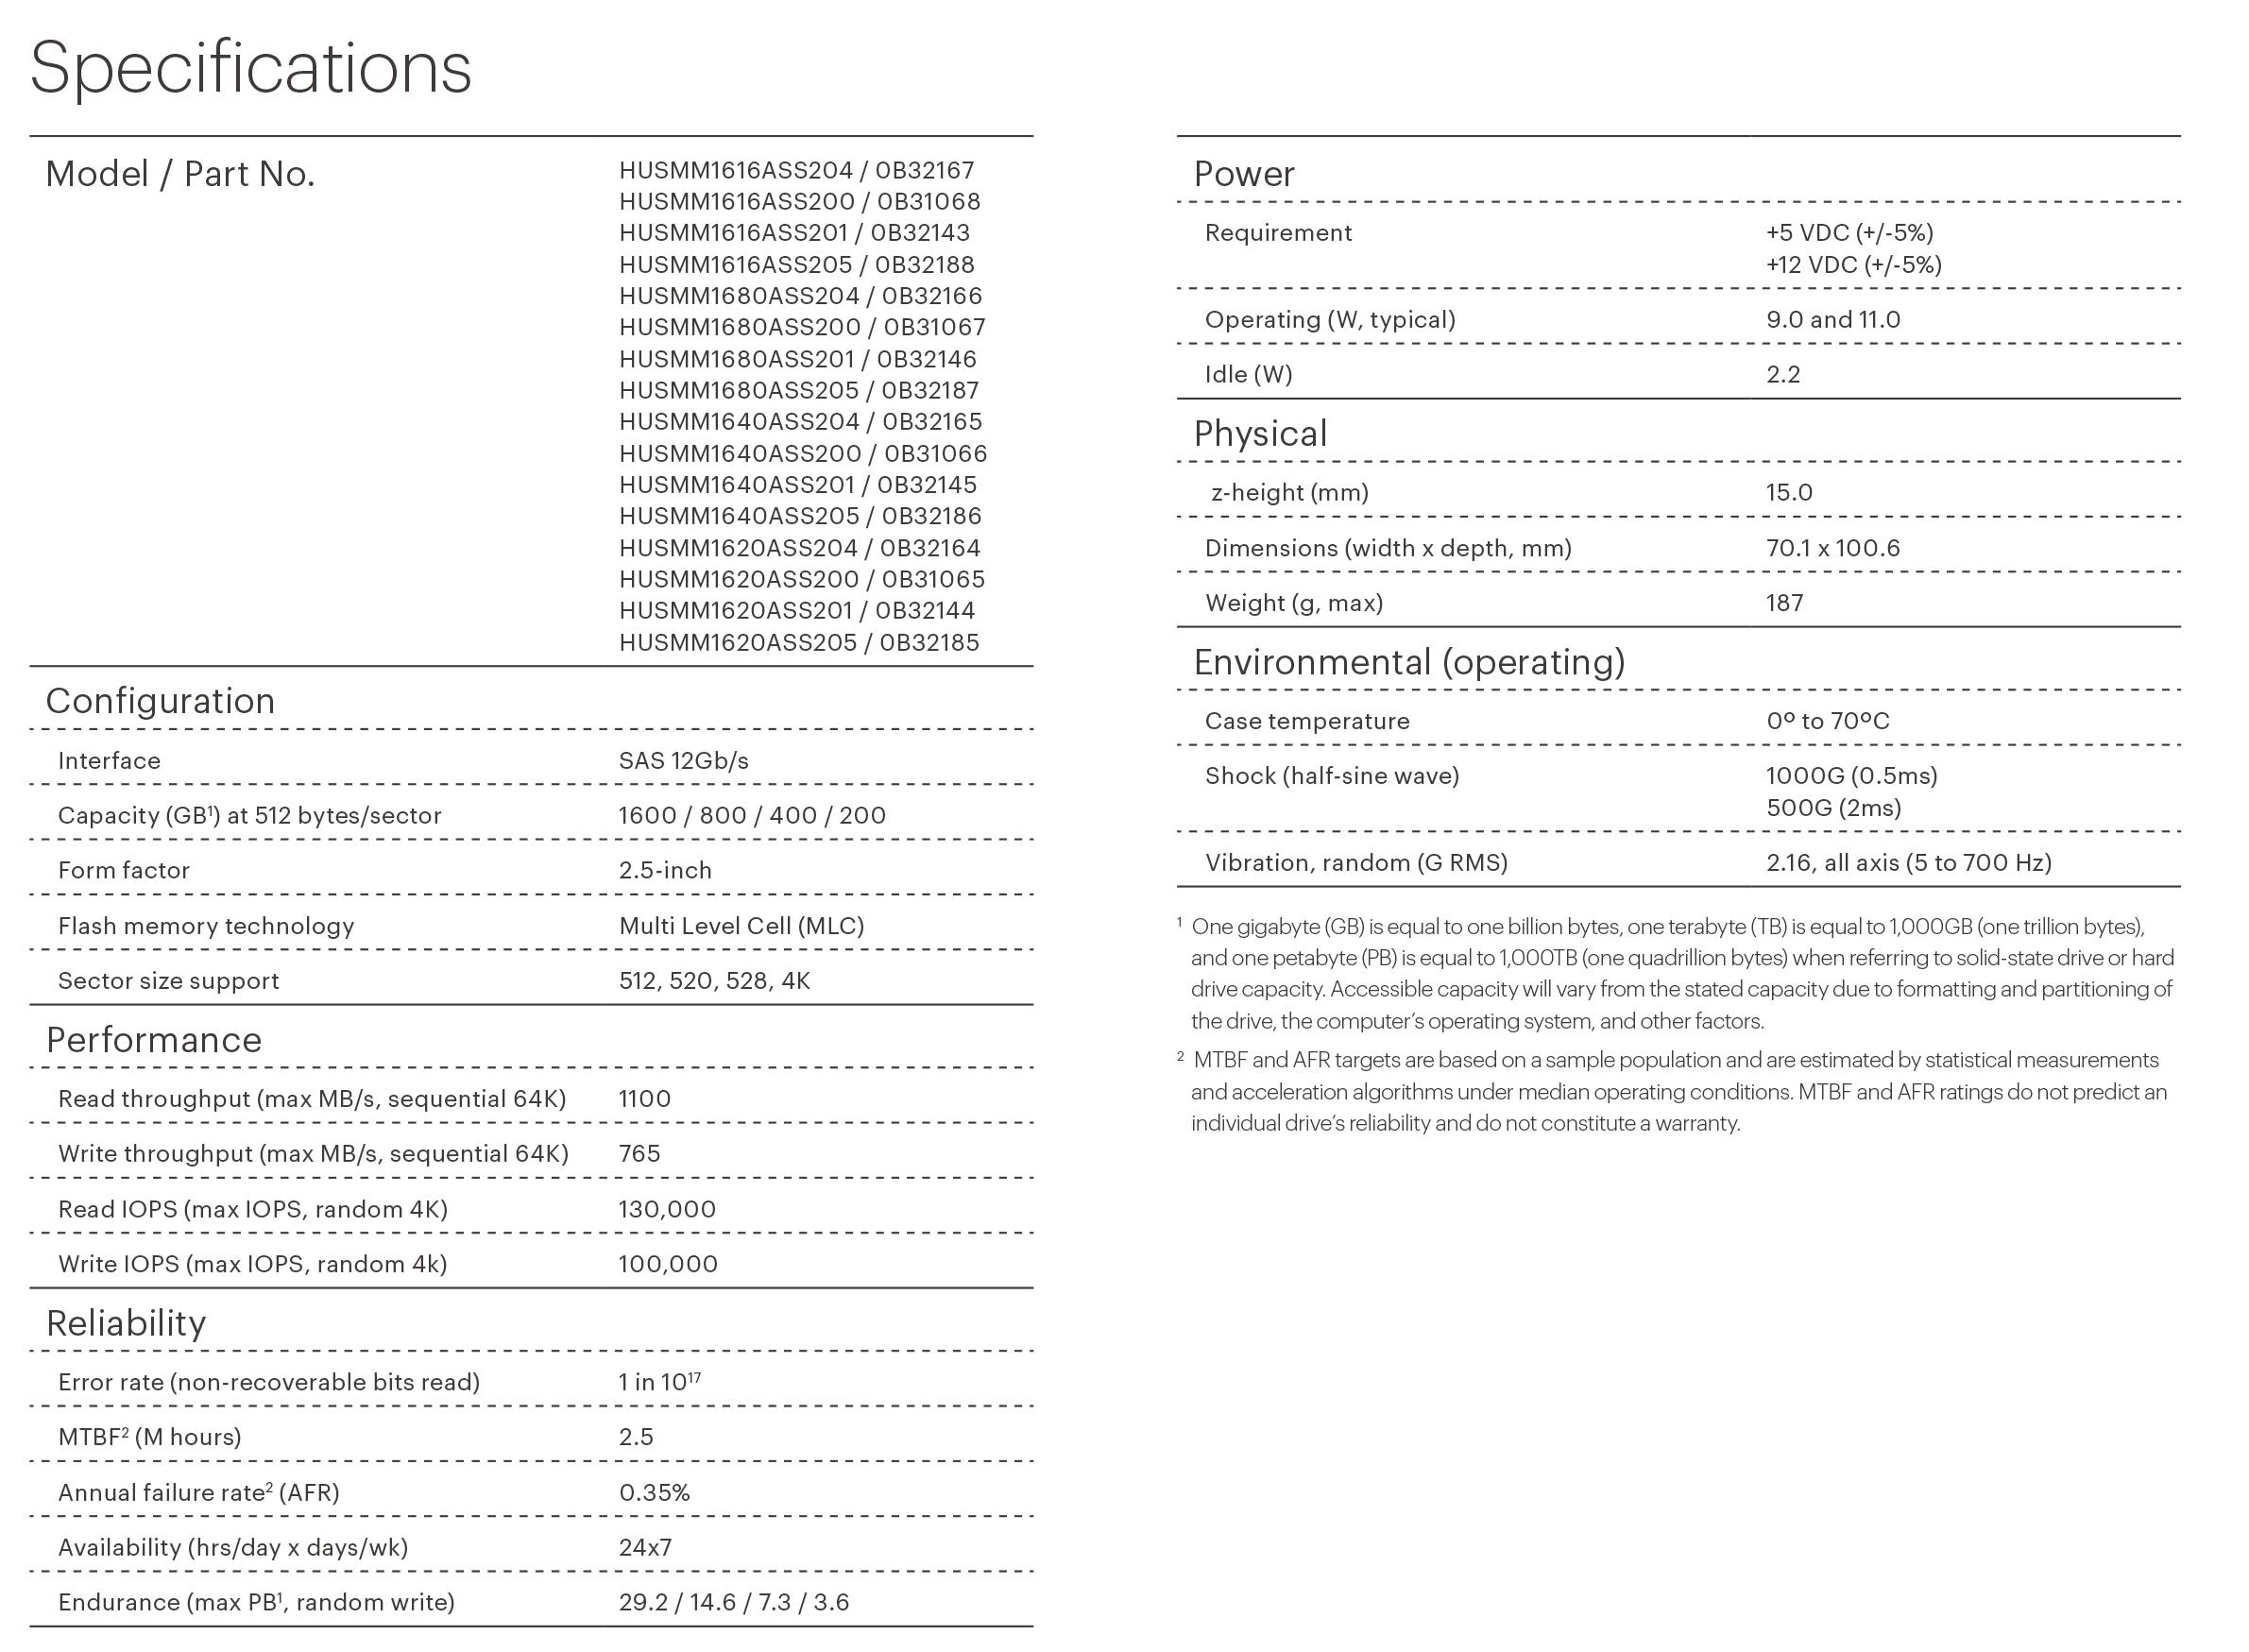 HGST  HUSMM1680ASS200 HGST ultrastar SSD 1600MM 800G 10DWD SAS SSD 高耐写性